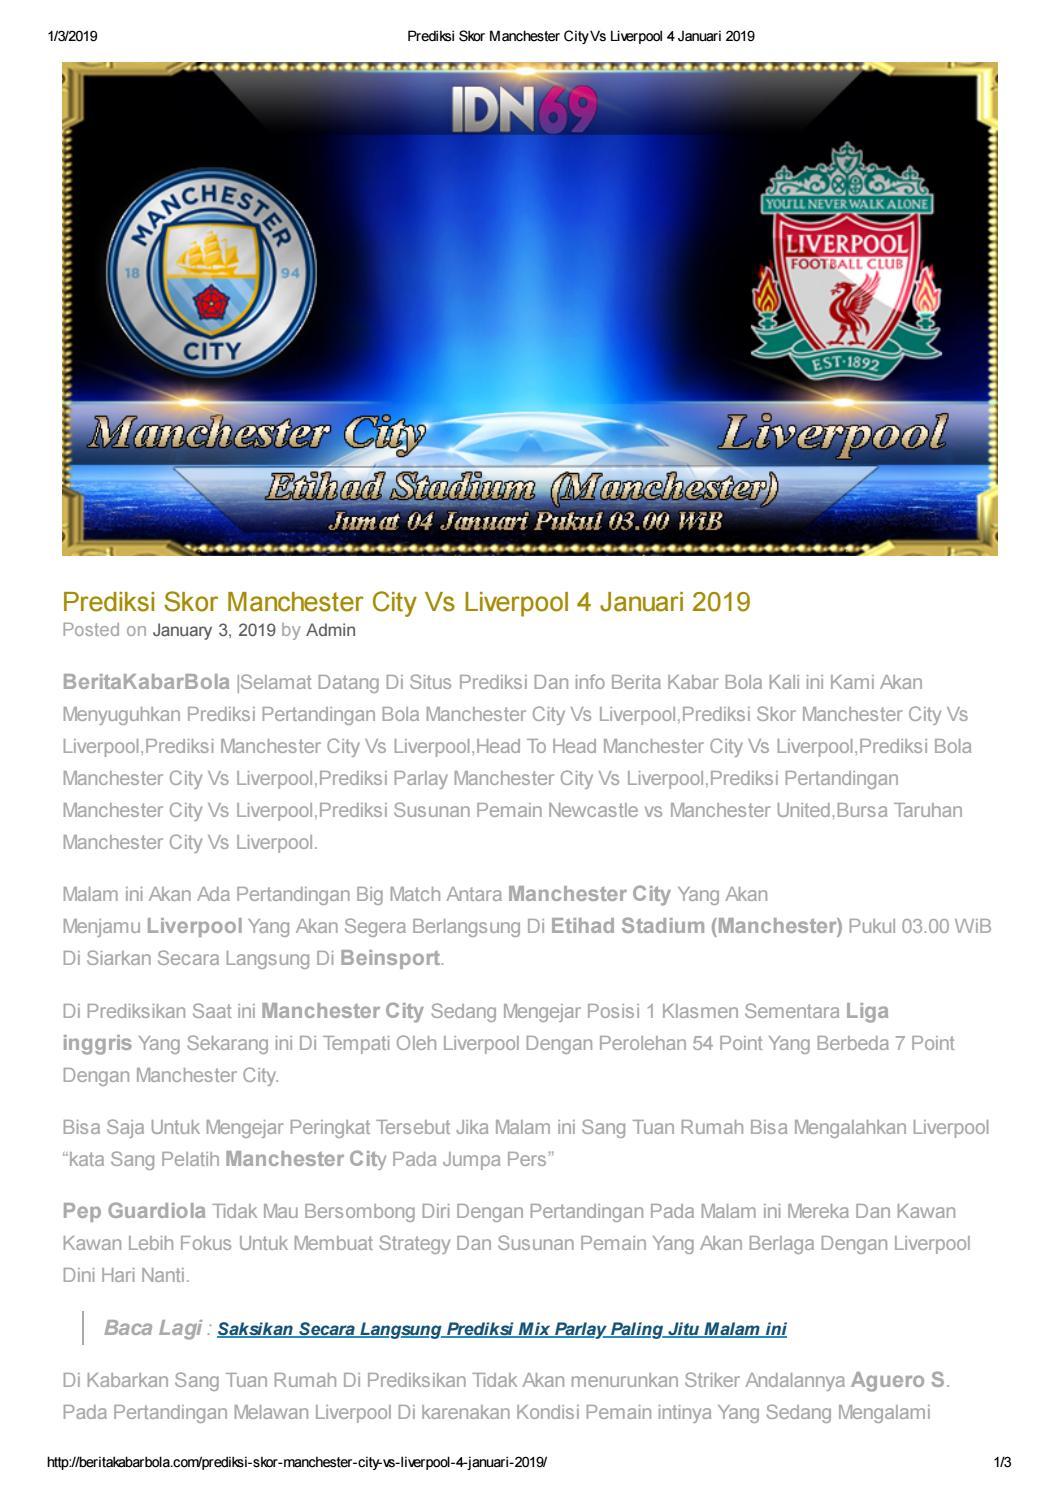 Prediksi Skor Manchester City Vs Liverpool 4 Januari 2019 By